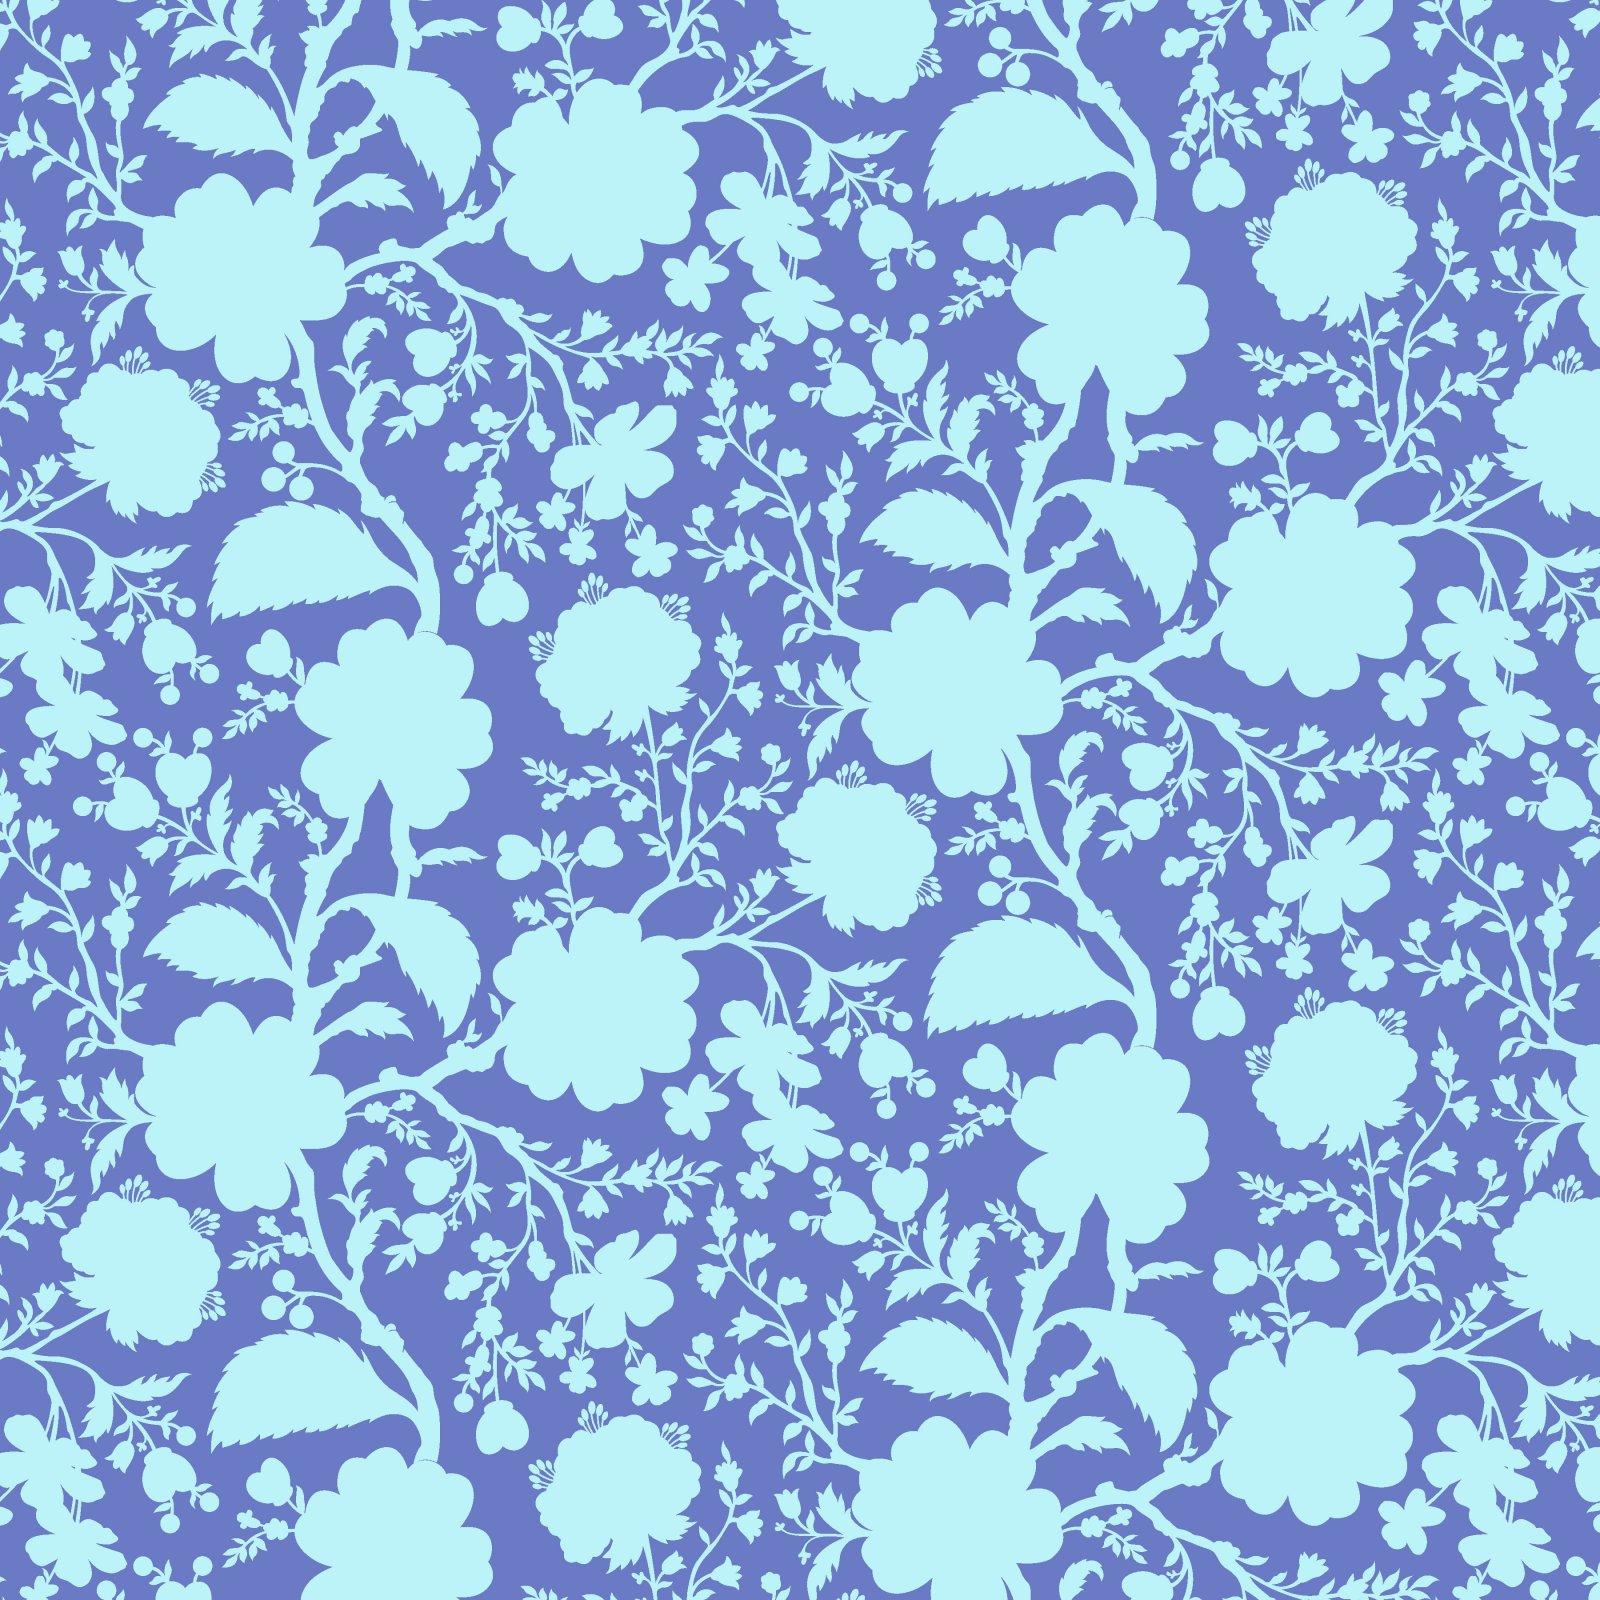 PWTP149.DELPHINIUM - Tula Pink Wildflower - Delphinium